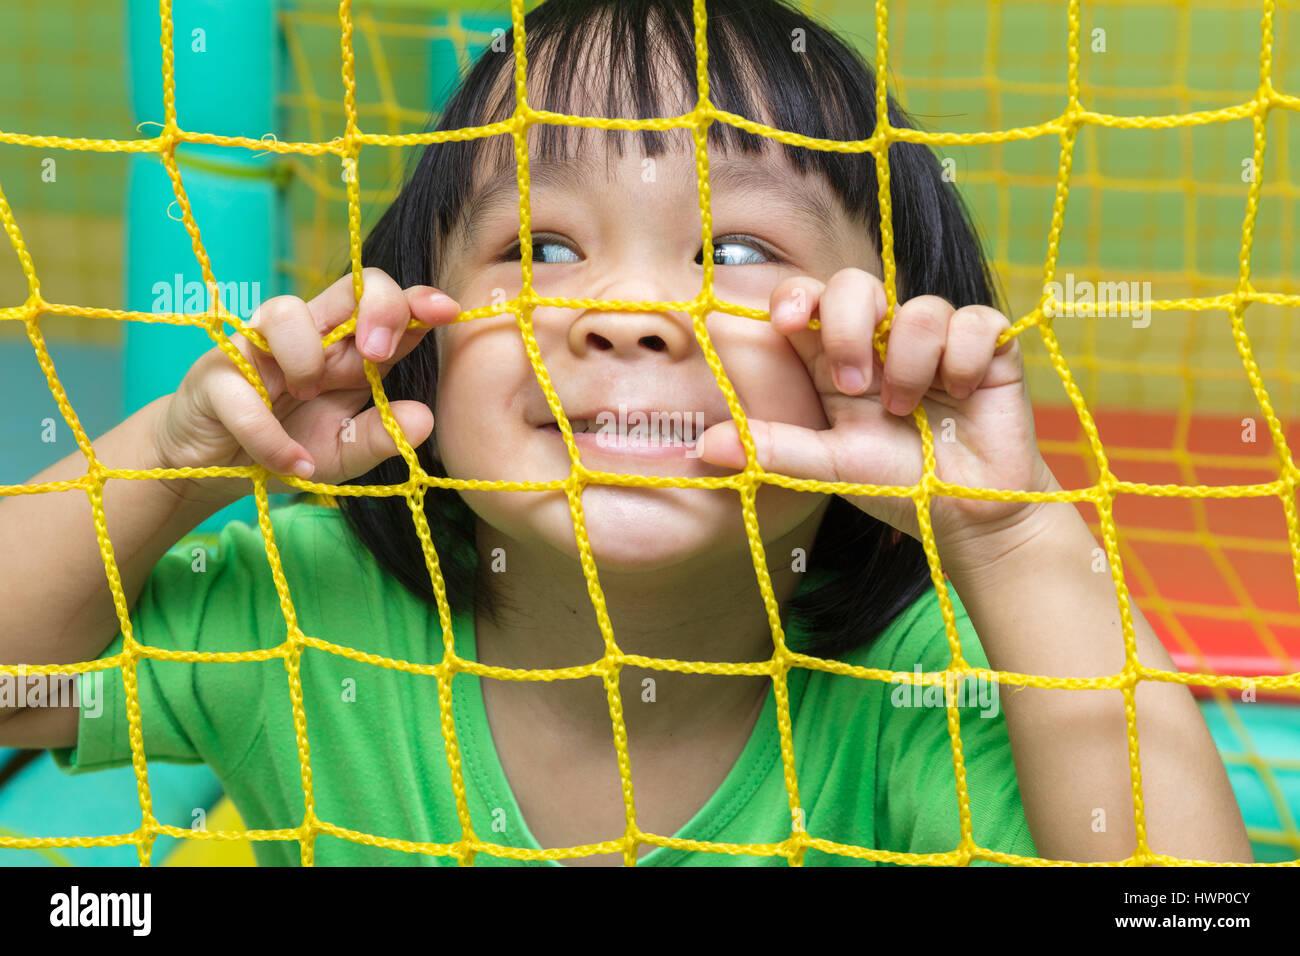 Feliz chino Asia niña jugando detrás de la red en el patio interior. Imagen De Stock